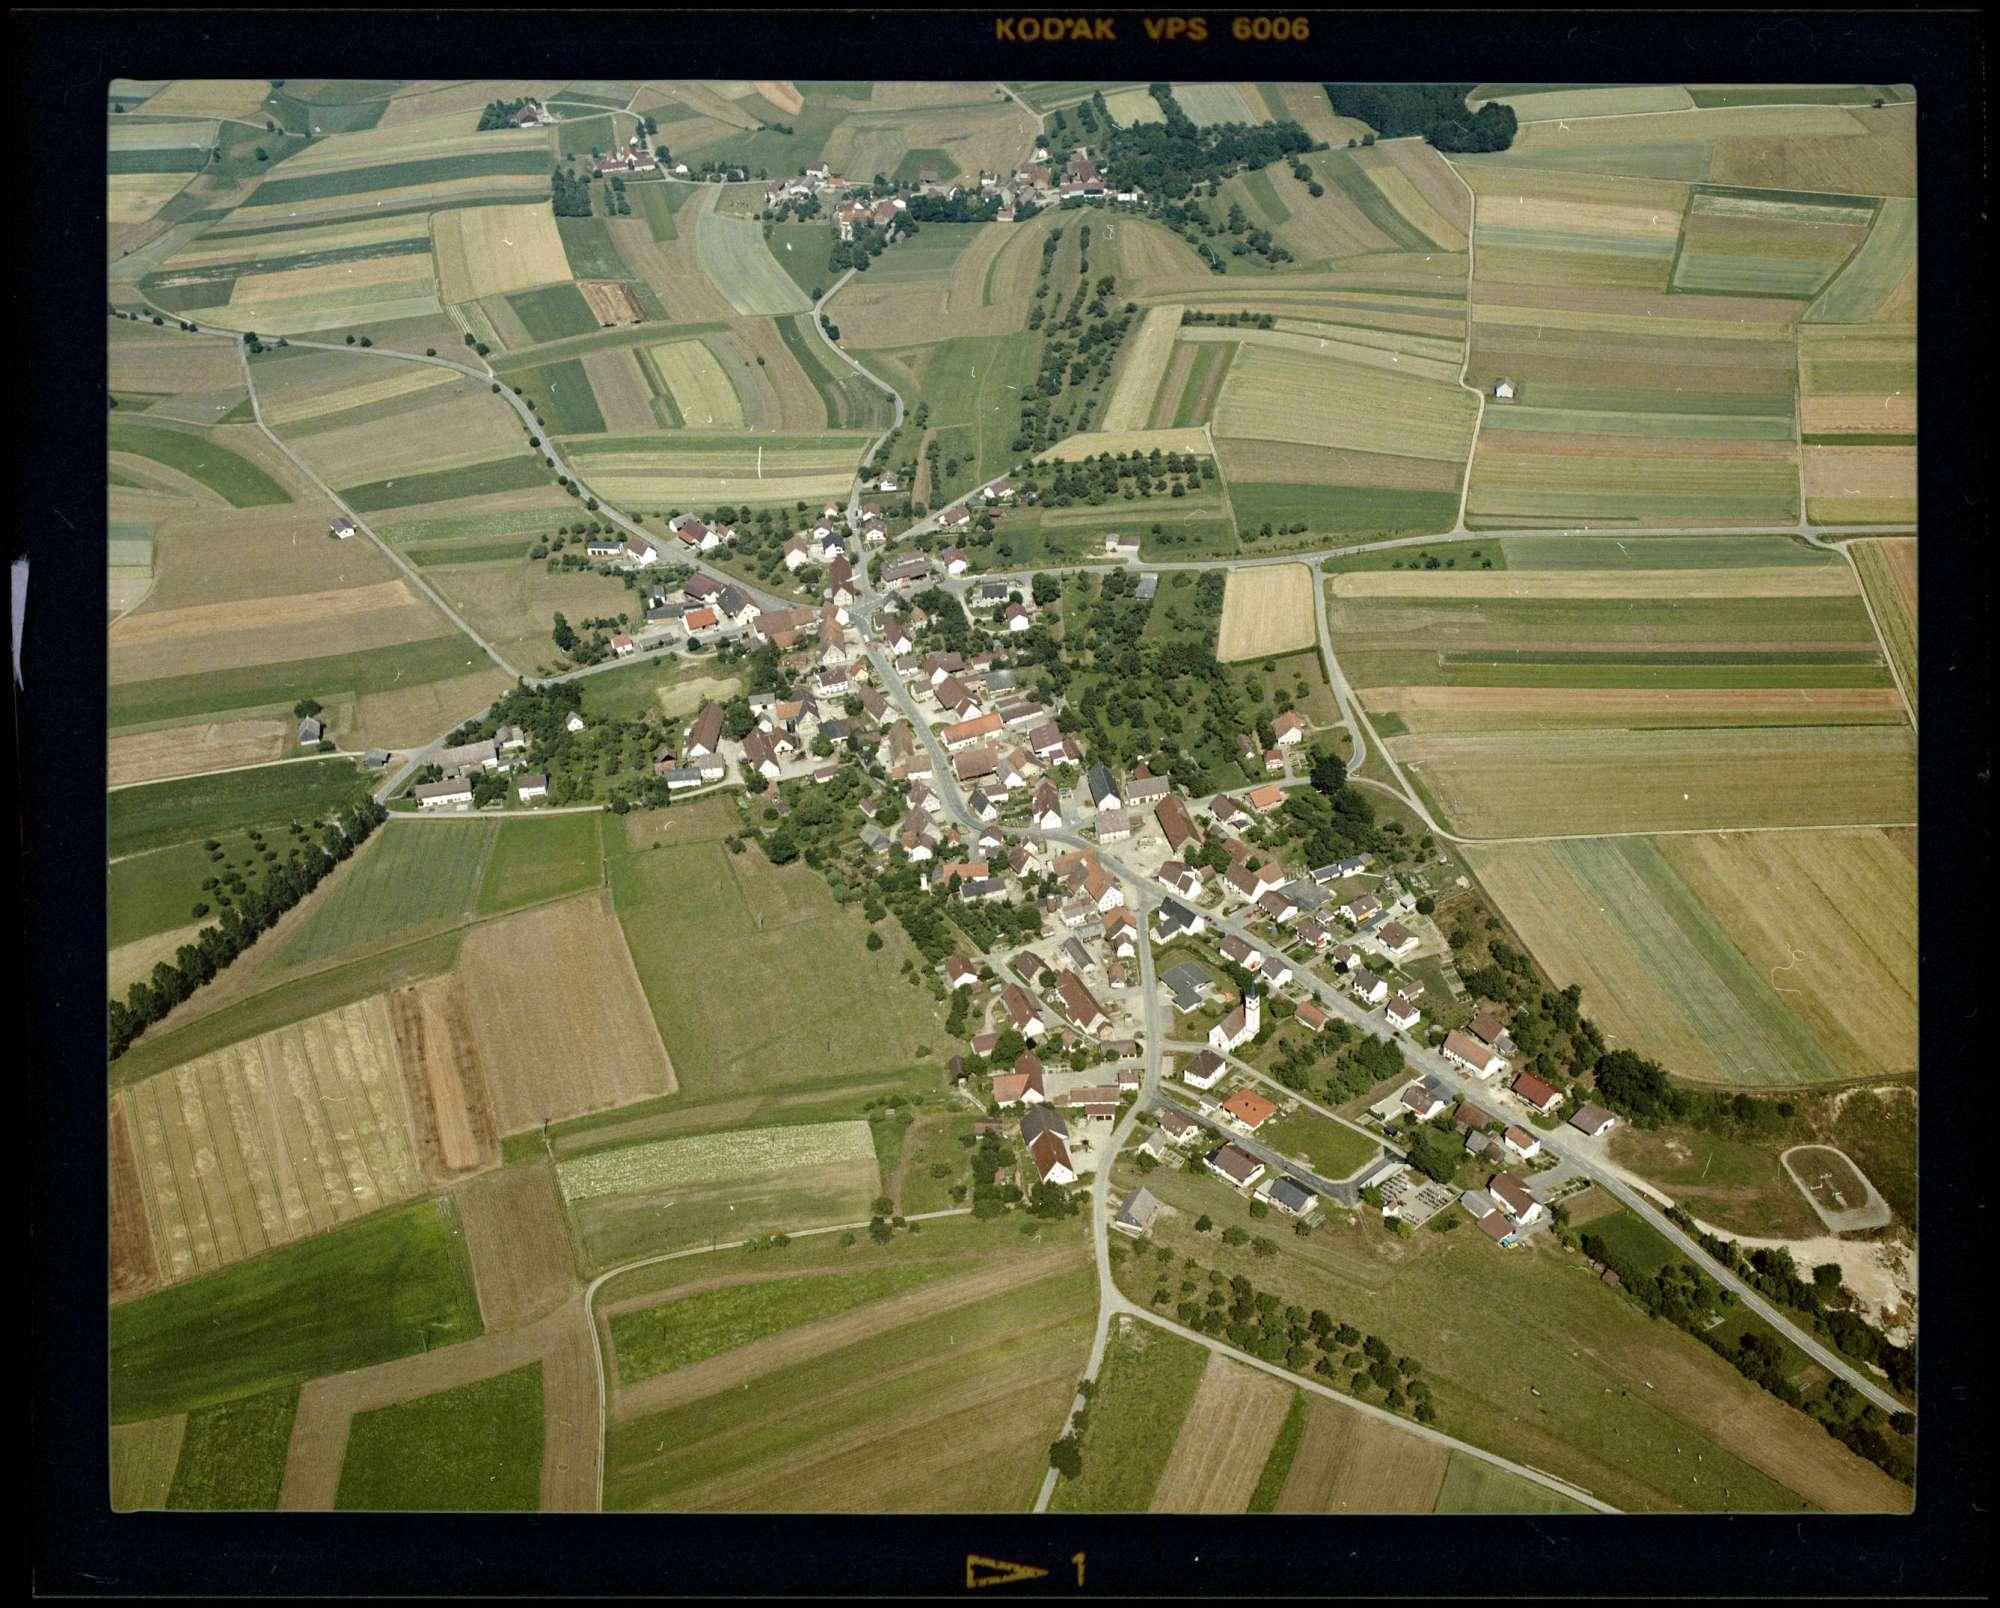 Rupertshofen, Luftbild, Bild 1